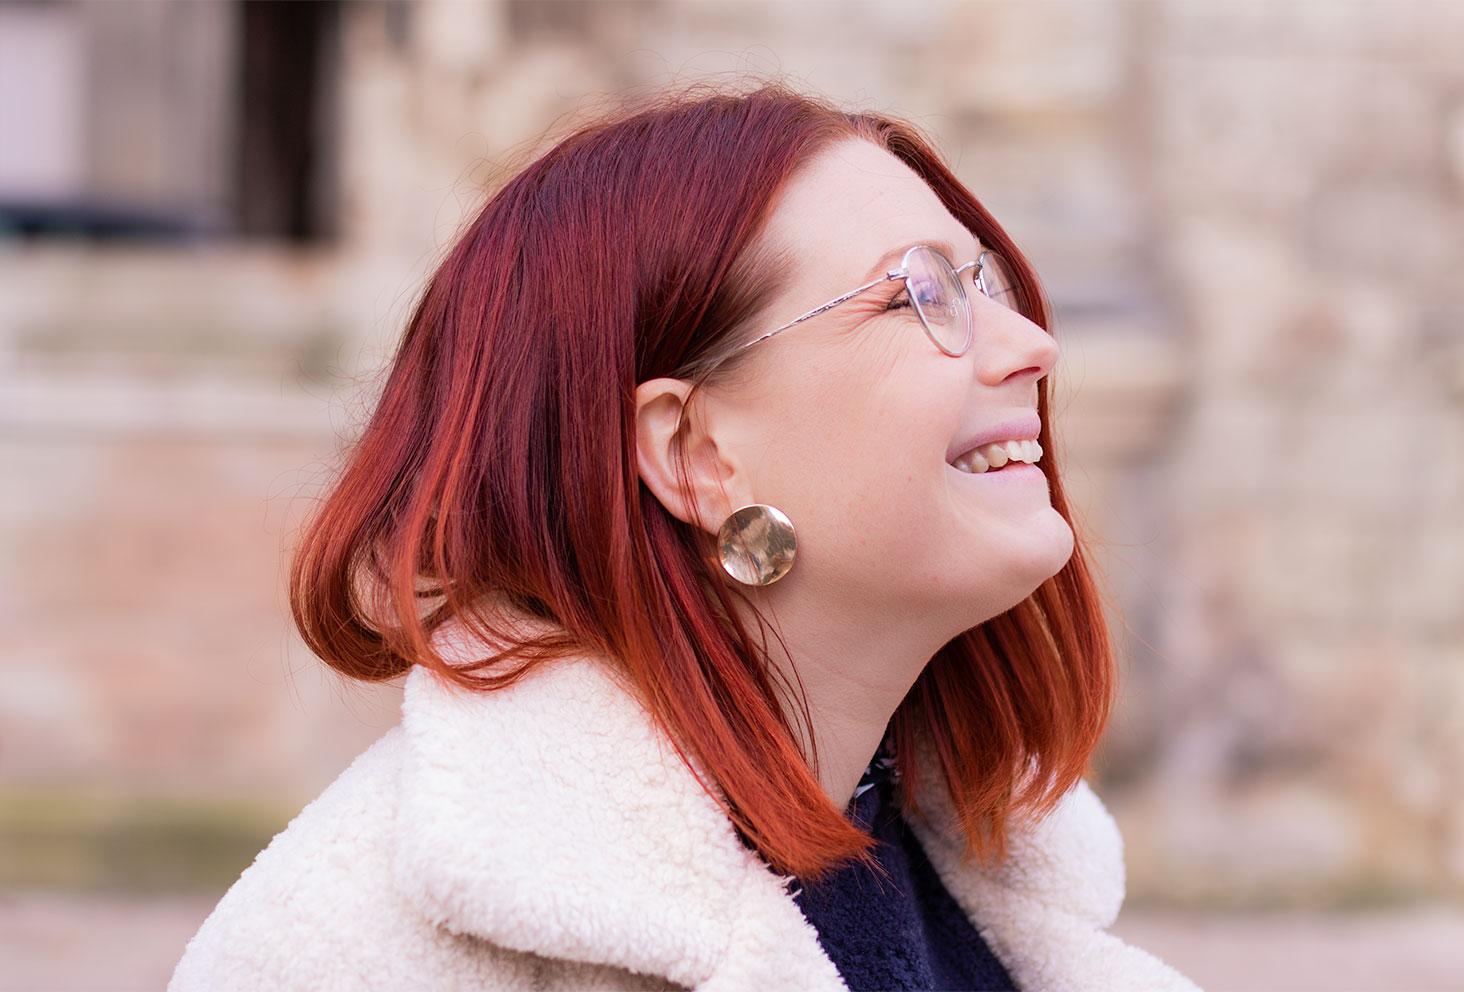 De profil en manteau moumoute blanc, des boucles d'oreilles médaillons dorées aux oreilles